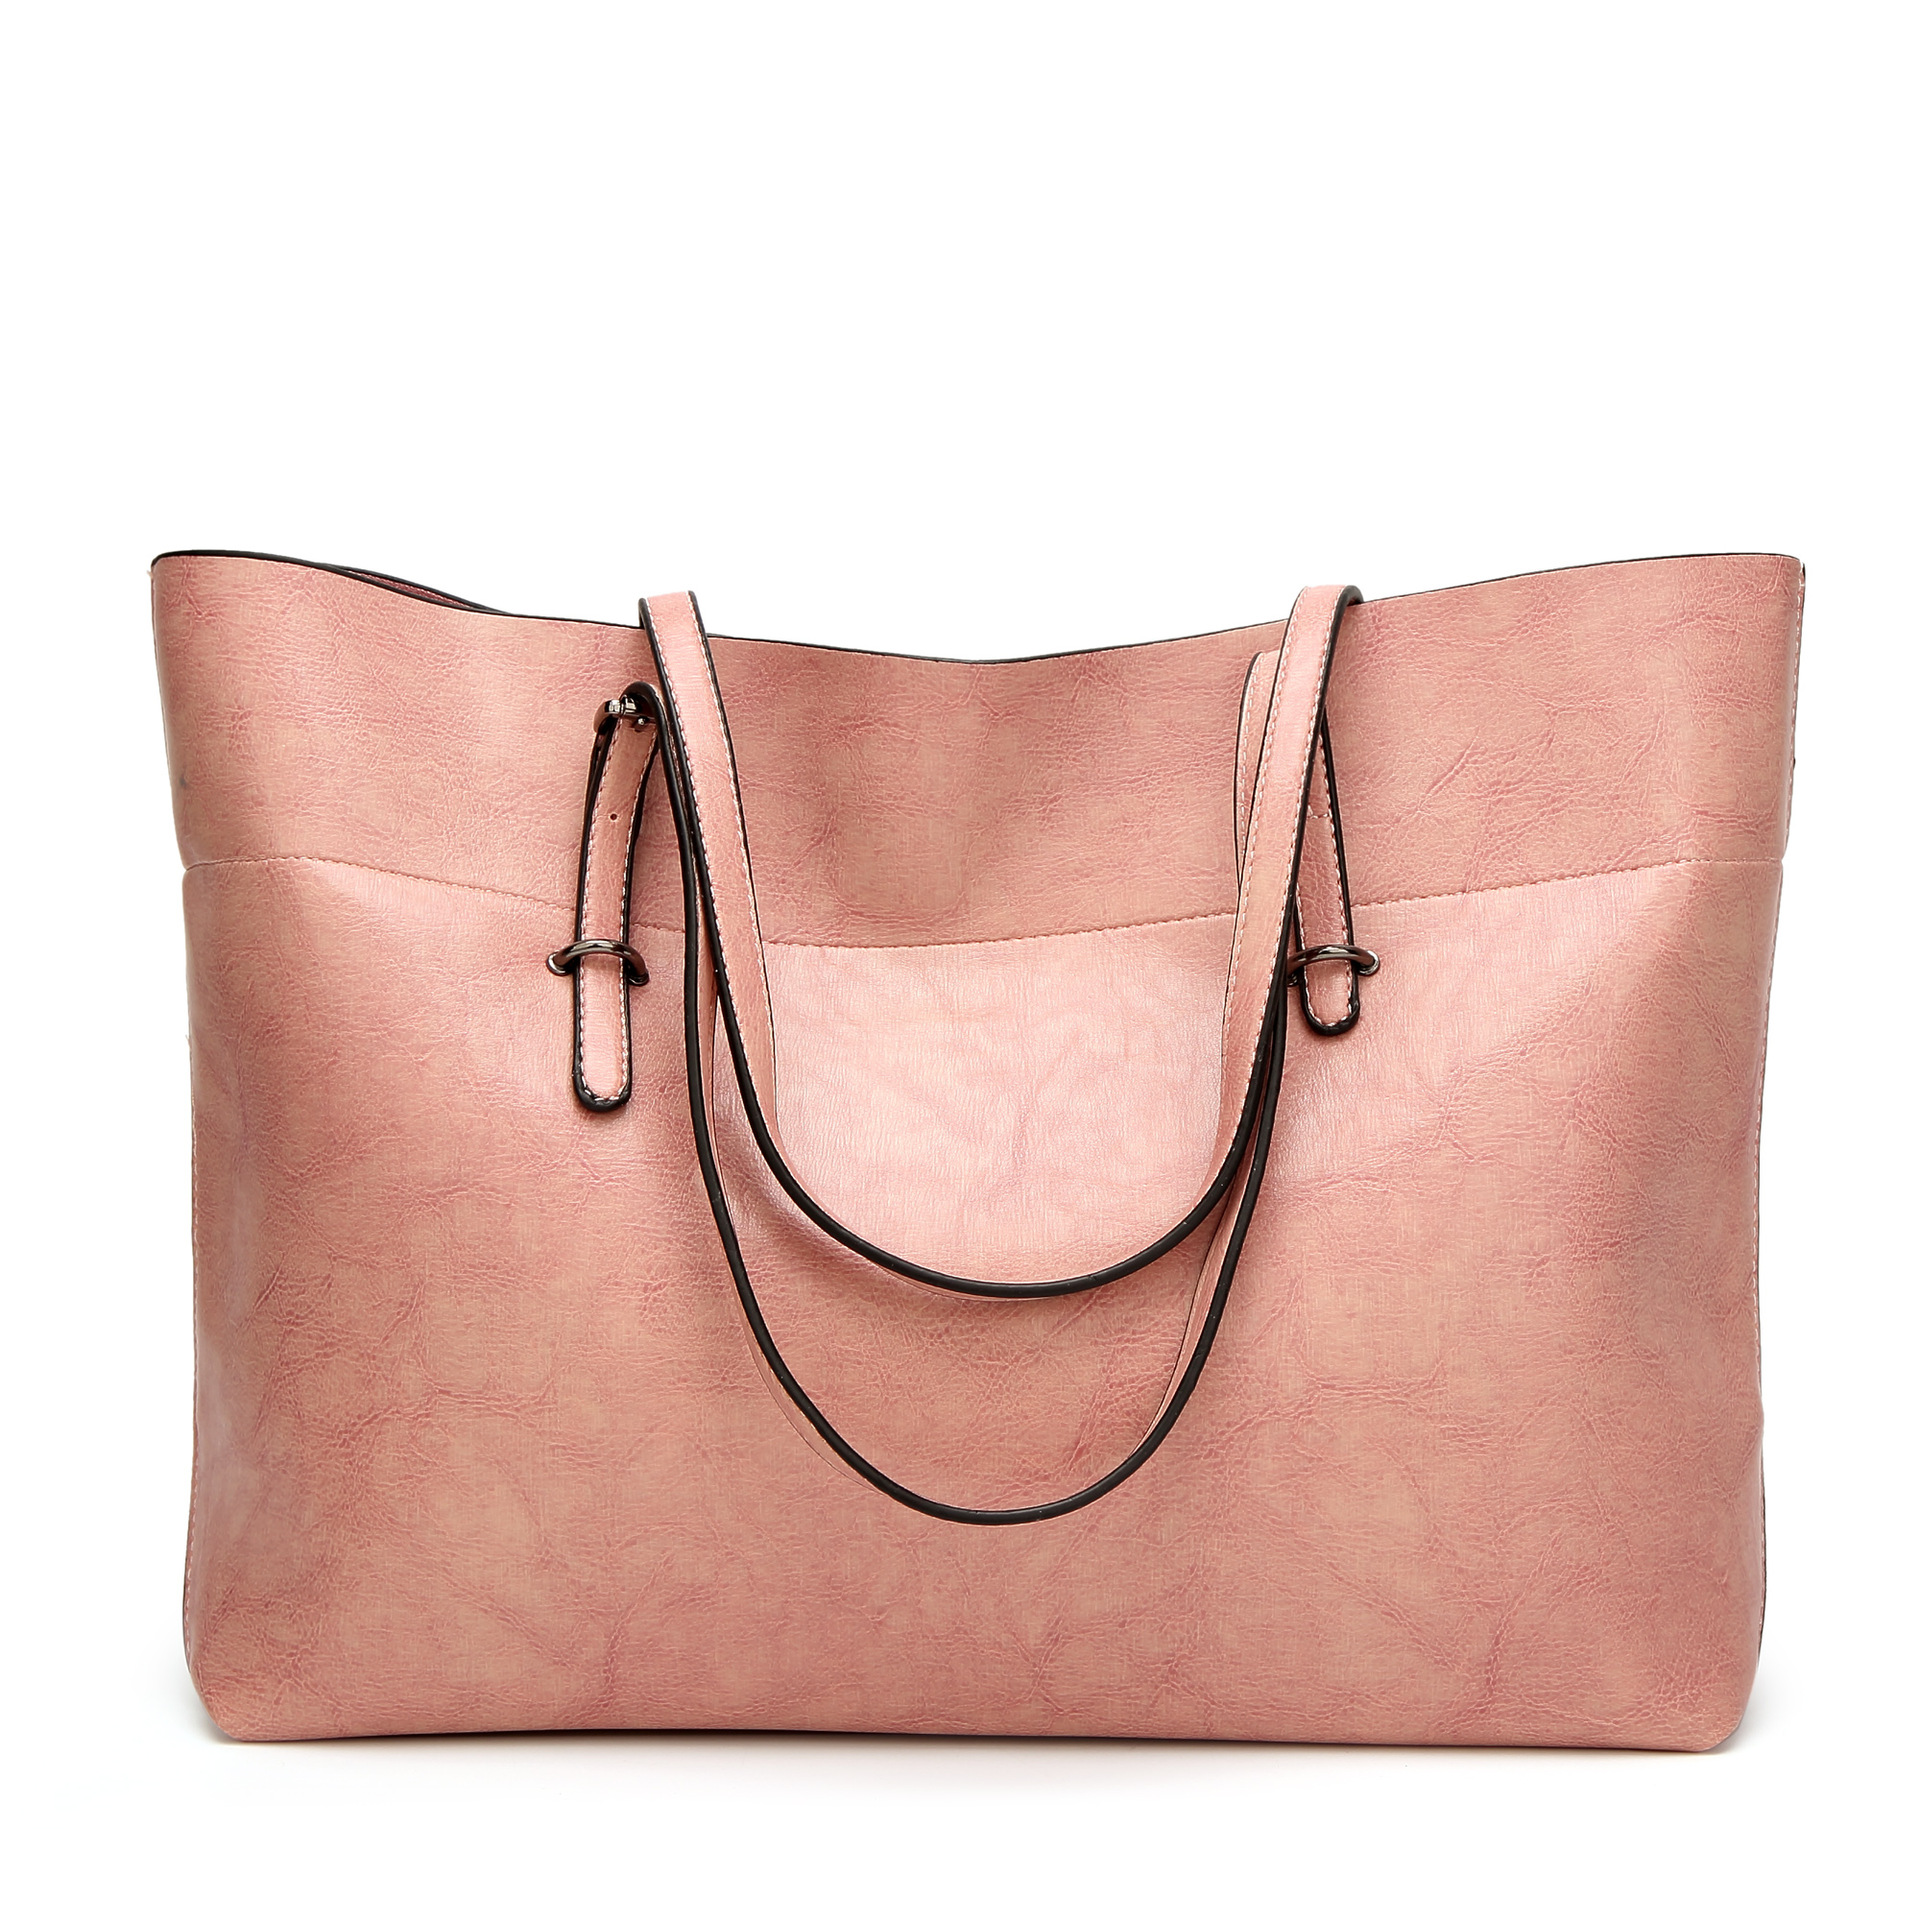 Paris taschen handtaschen jumbo tasche tasche für frauen frauen schulter tasche mode taschen damen handtaschen